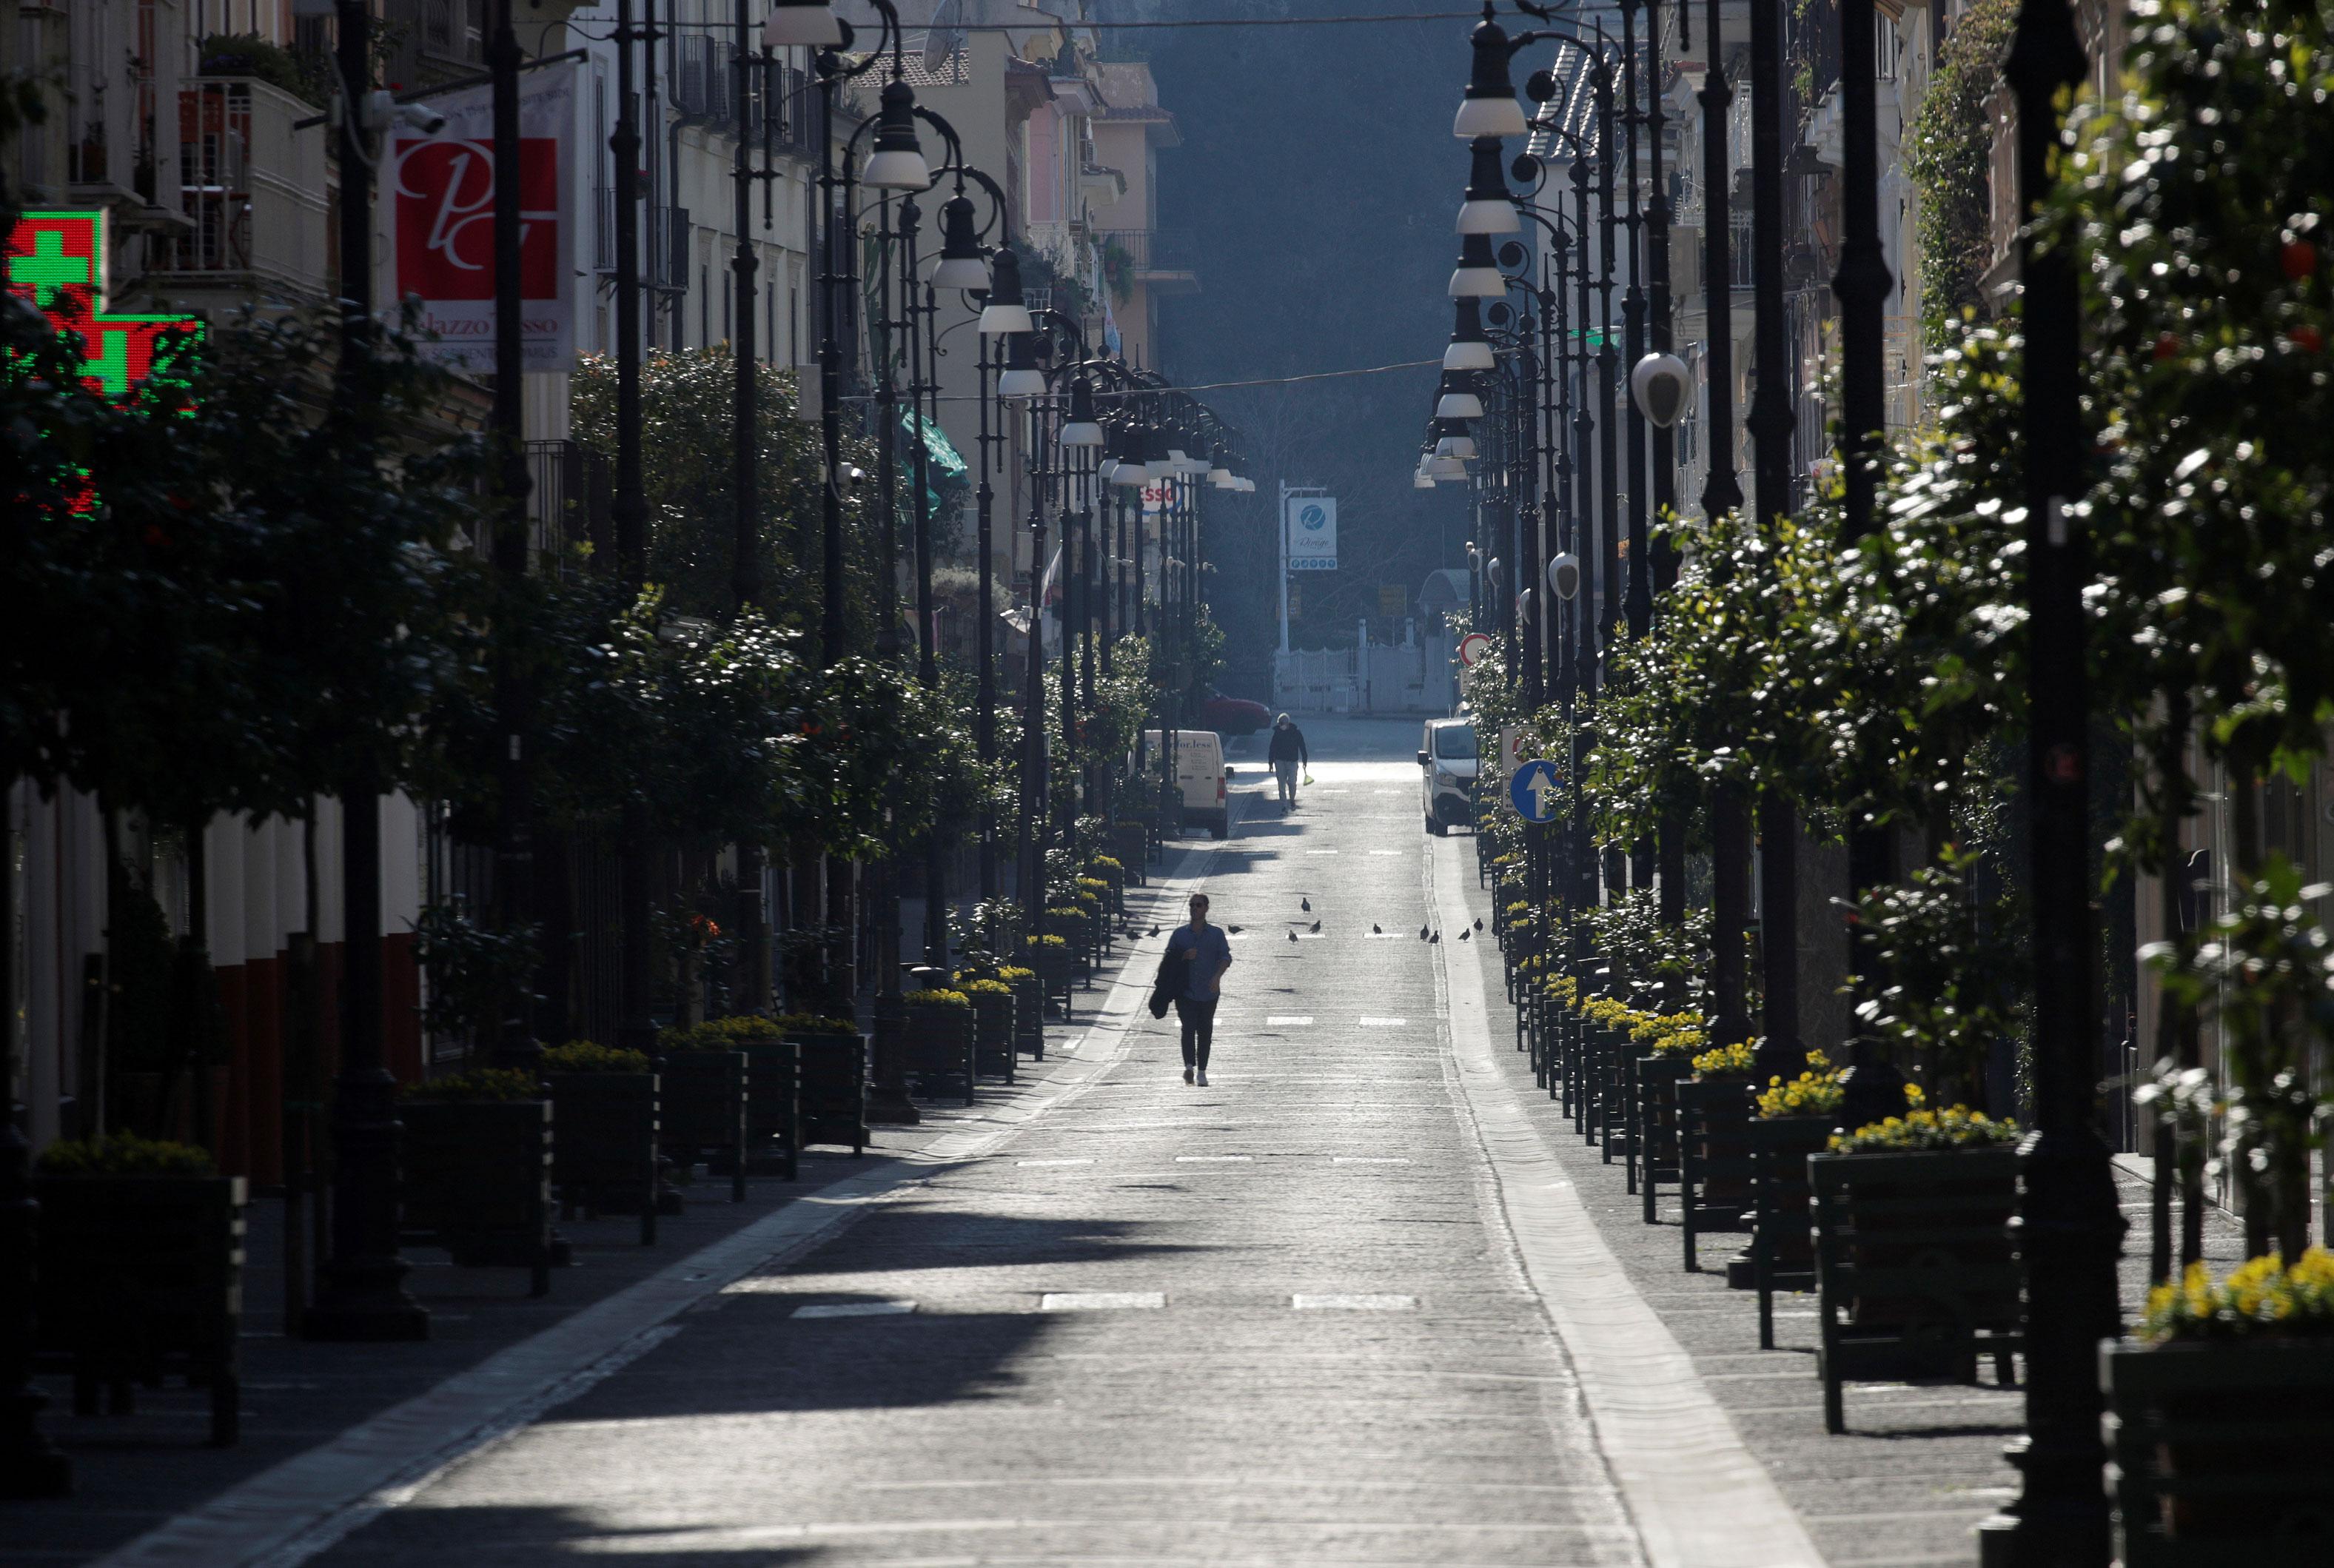 Rua vazia em Sorrento, na Itália, durante pandemia da Covid-19